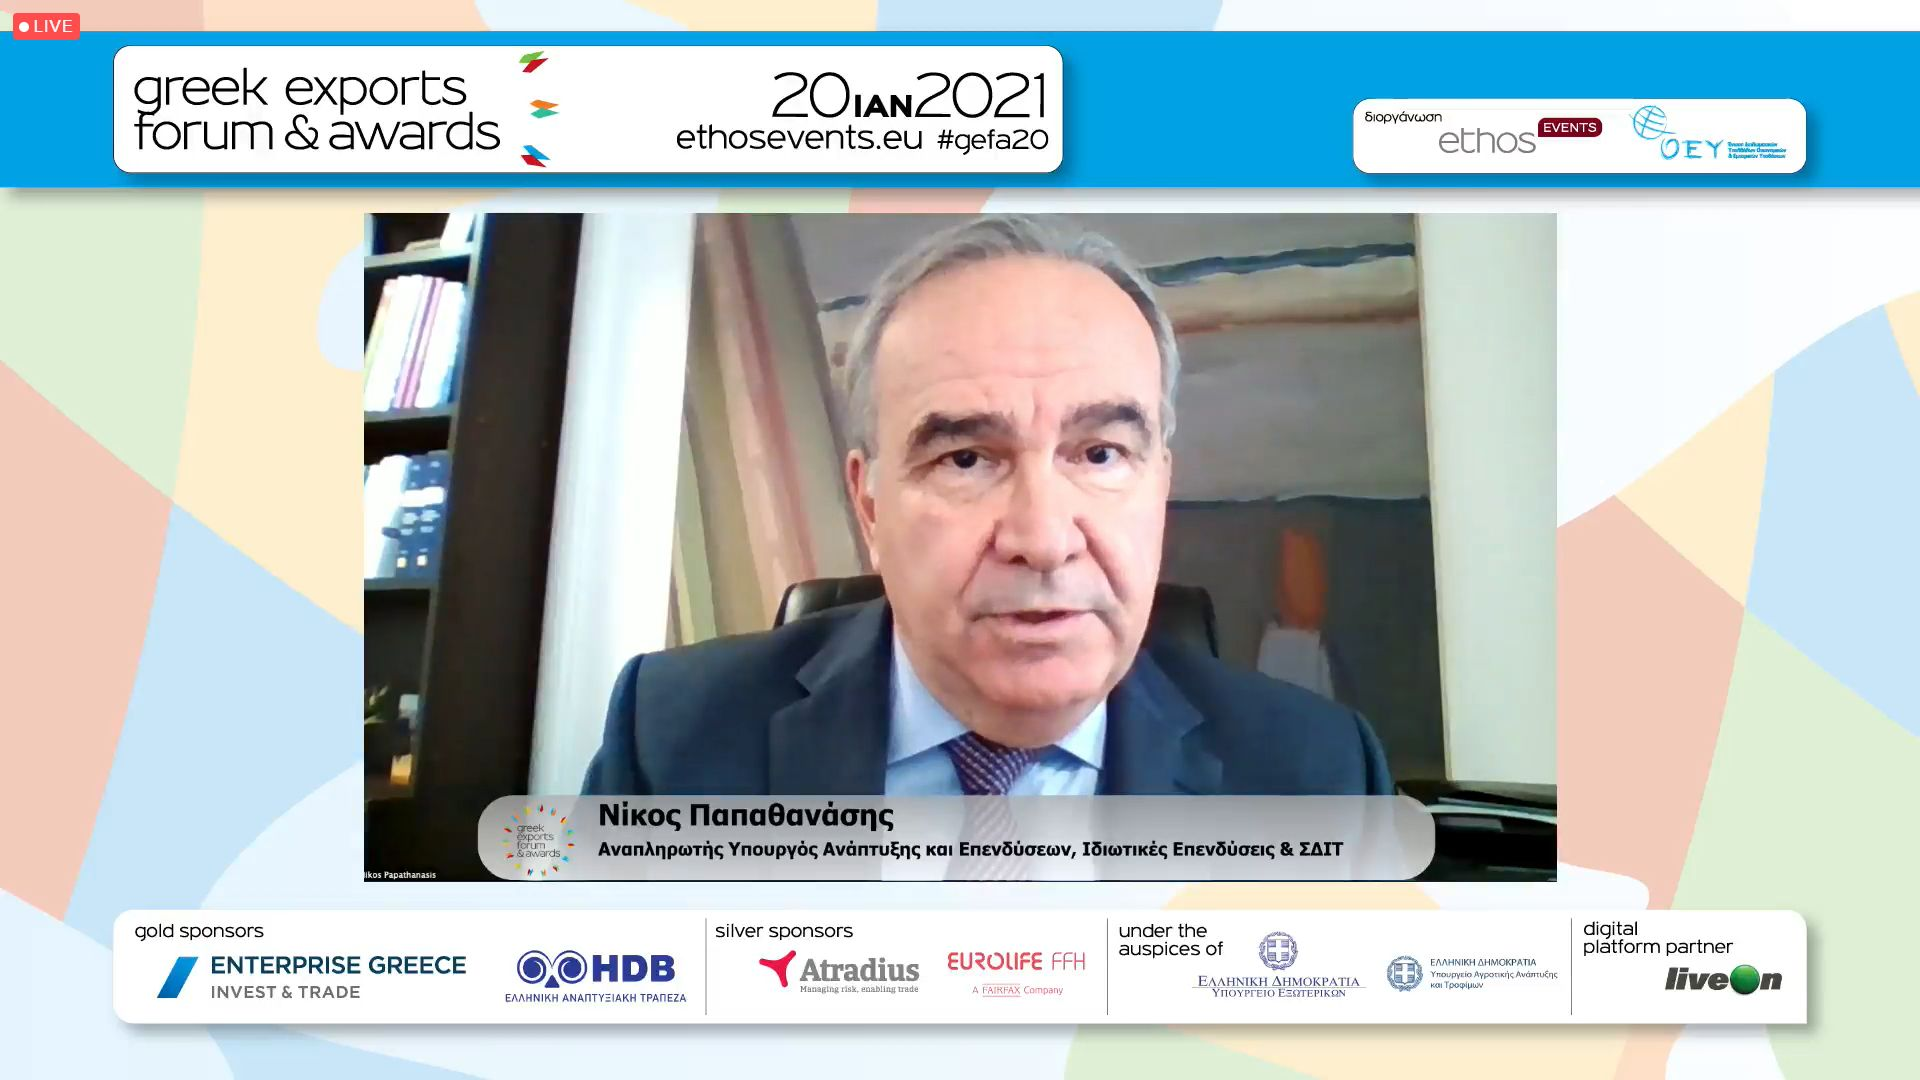 to-rantevoy-ton-exagogeon-sto-greek-exports-forum-amp-038-awards-20202